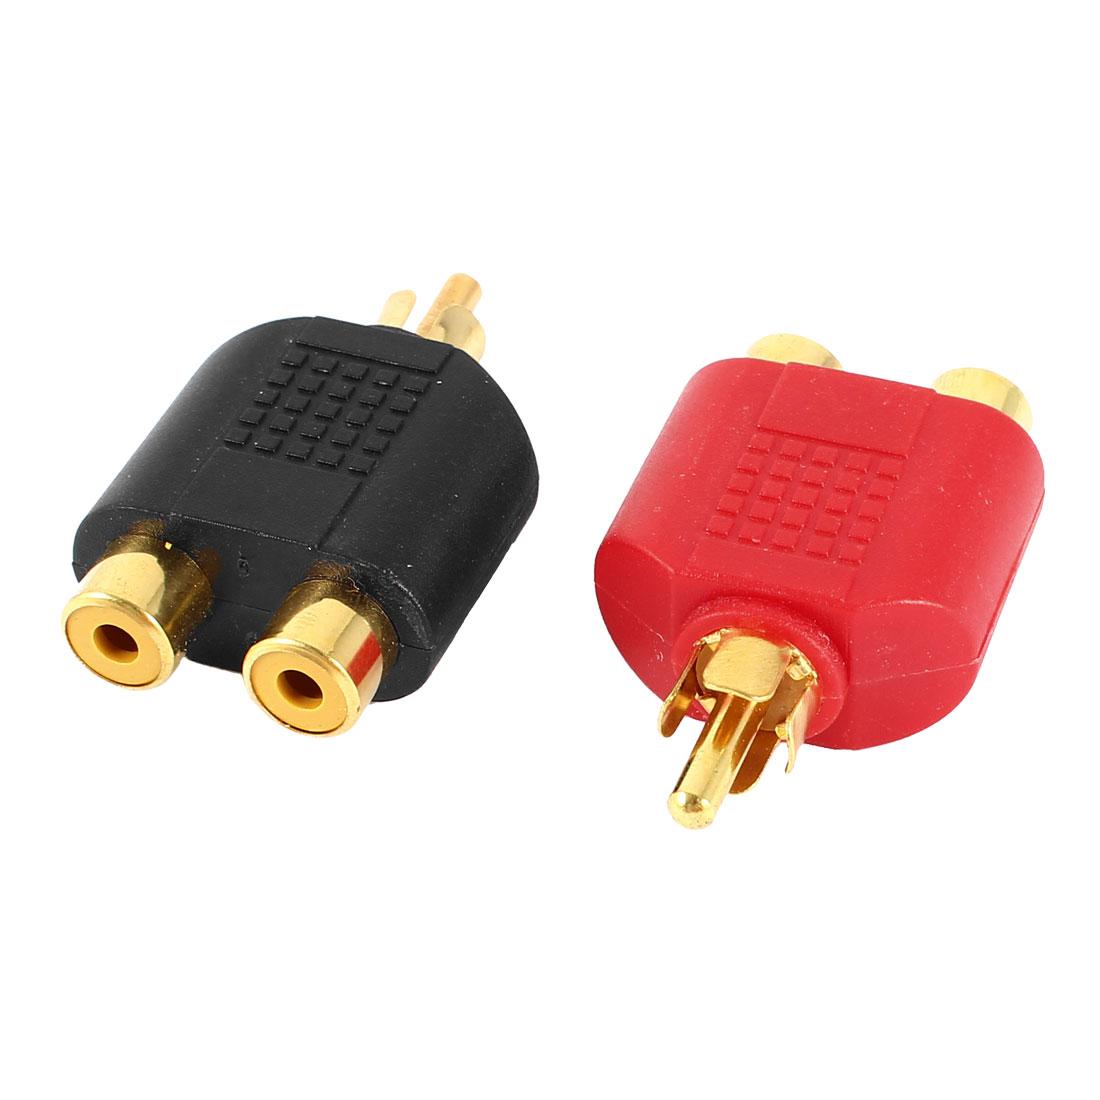 2 Pcs RCA Male to 2 Female AV Audio Video Y Splitter Converter Adapter